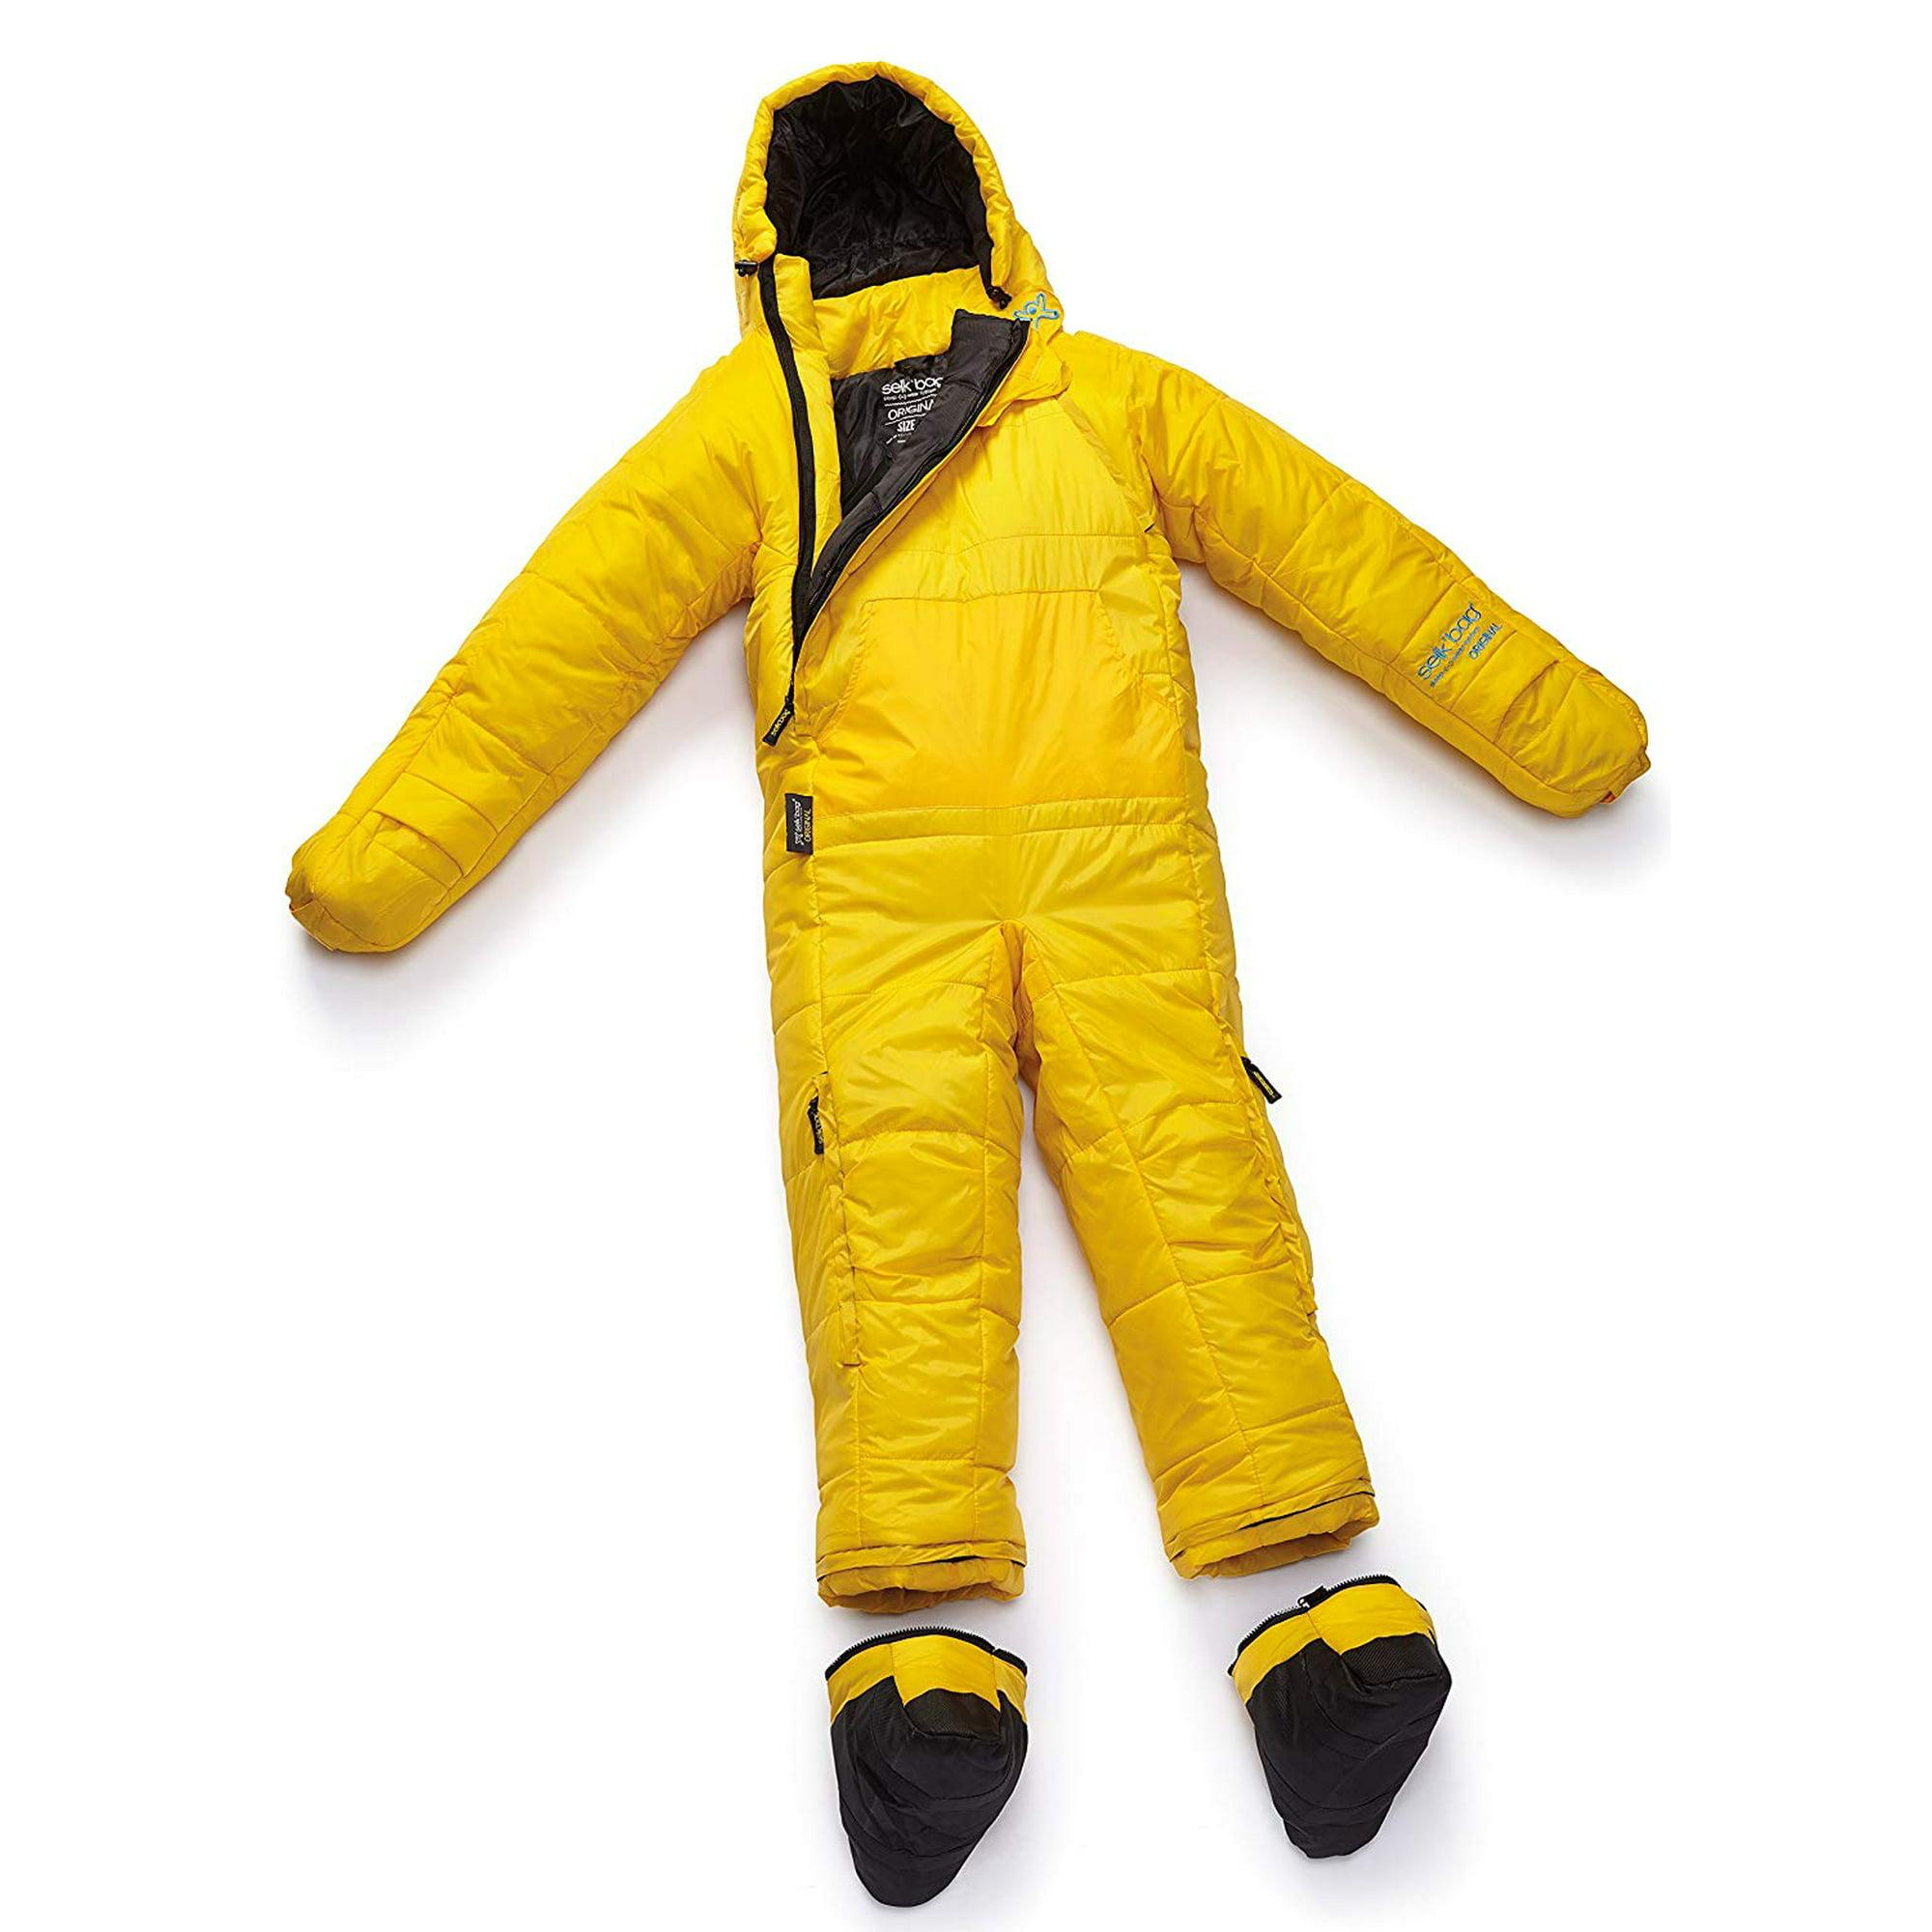 2b0dcad6cf3 Selk'Bag Original 5G Yellow Flare | Walmart Canada